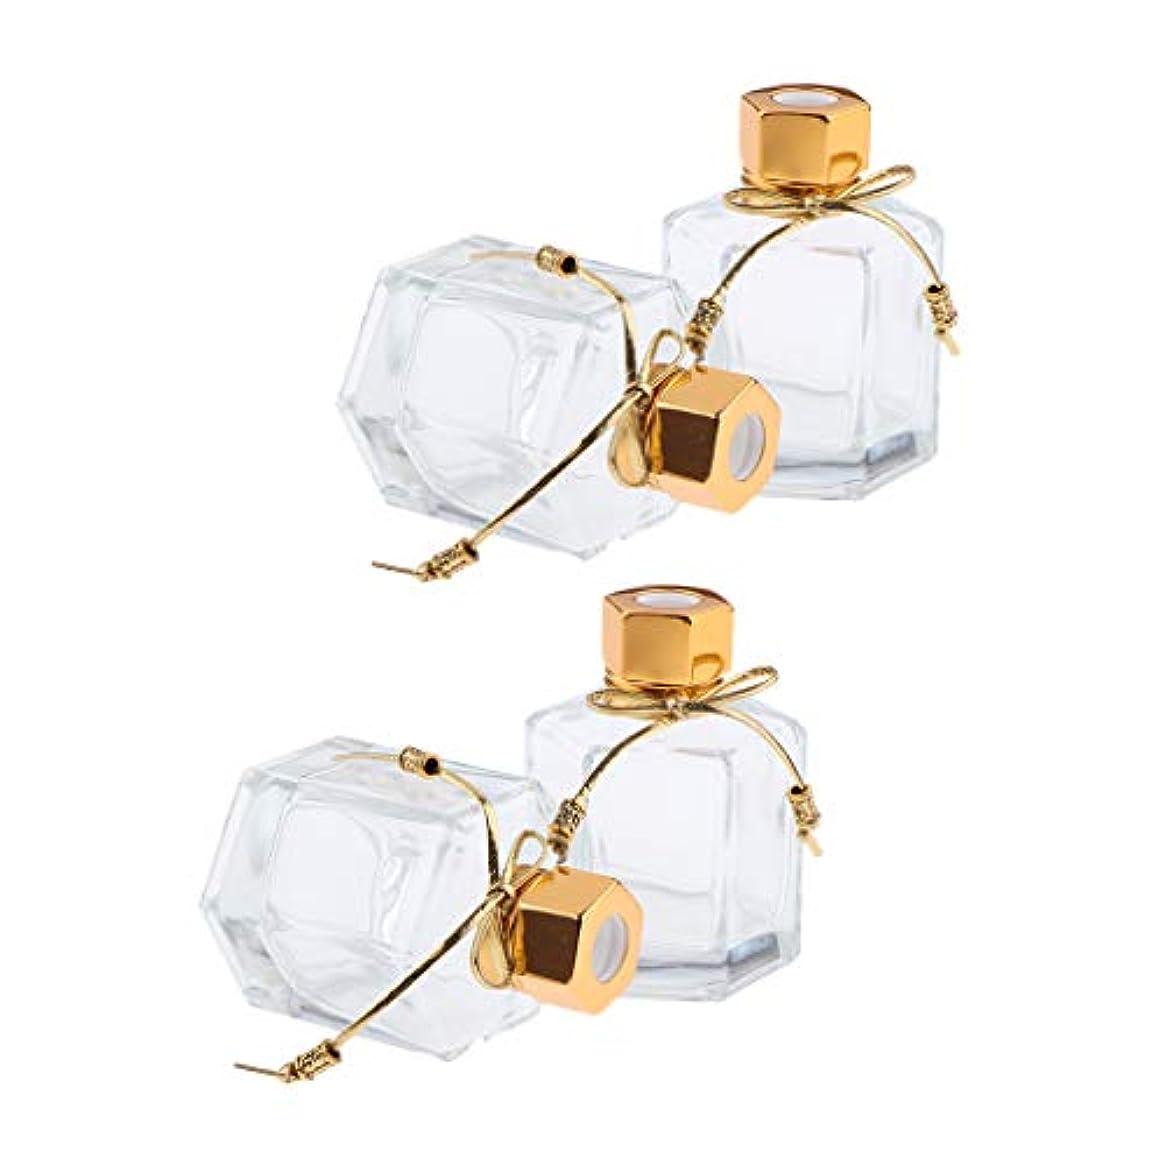 瞑想する和基本的なT TOOYFUL 香りディフューザーボトル 香水瓶 ガラスボトル 空 ガラス容器 100ml 4個入り